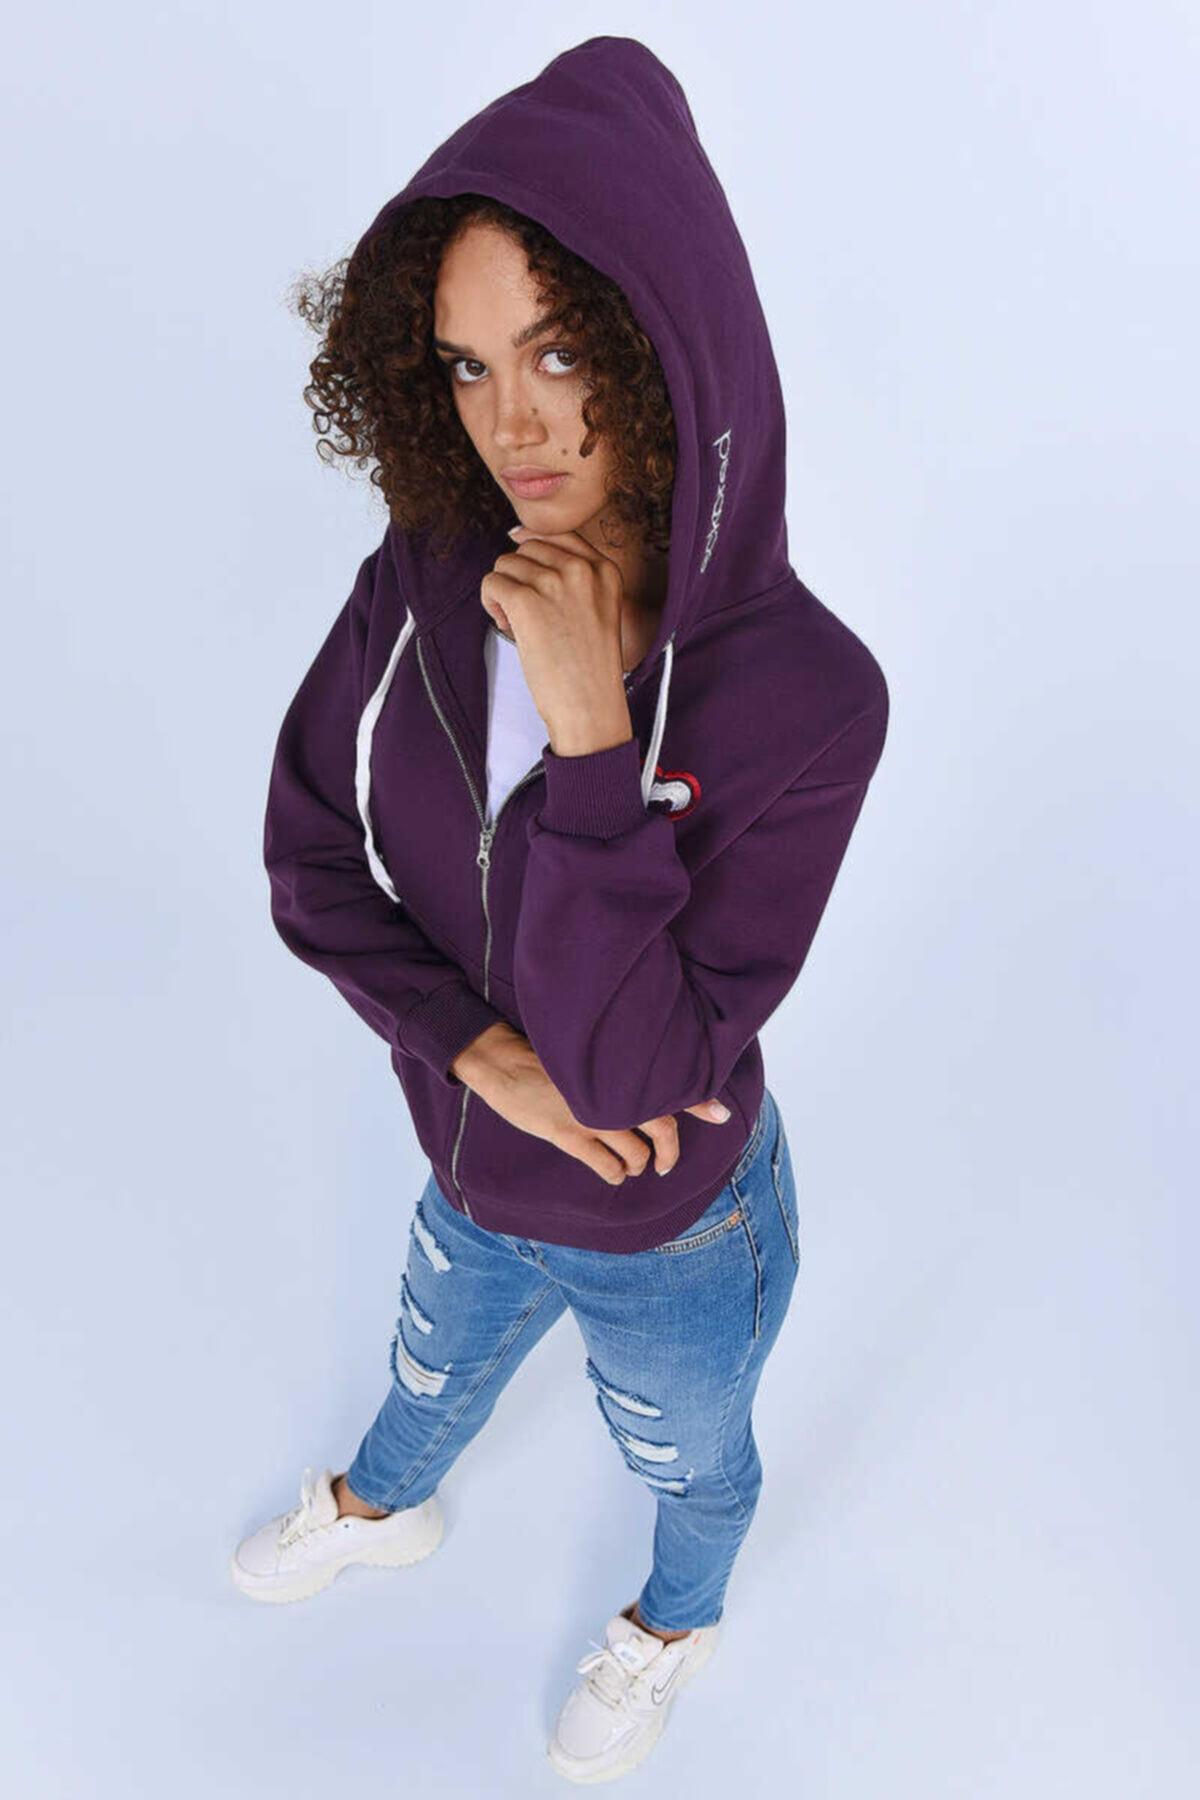 ECKO UNLTD ECKO RED HEIDI Mor Kadın Nakışlı Fermuarlı Sweatshirt 1